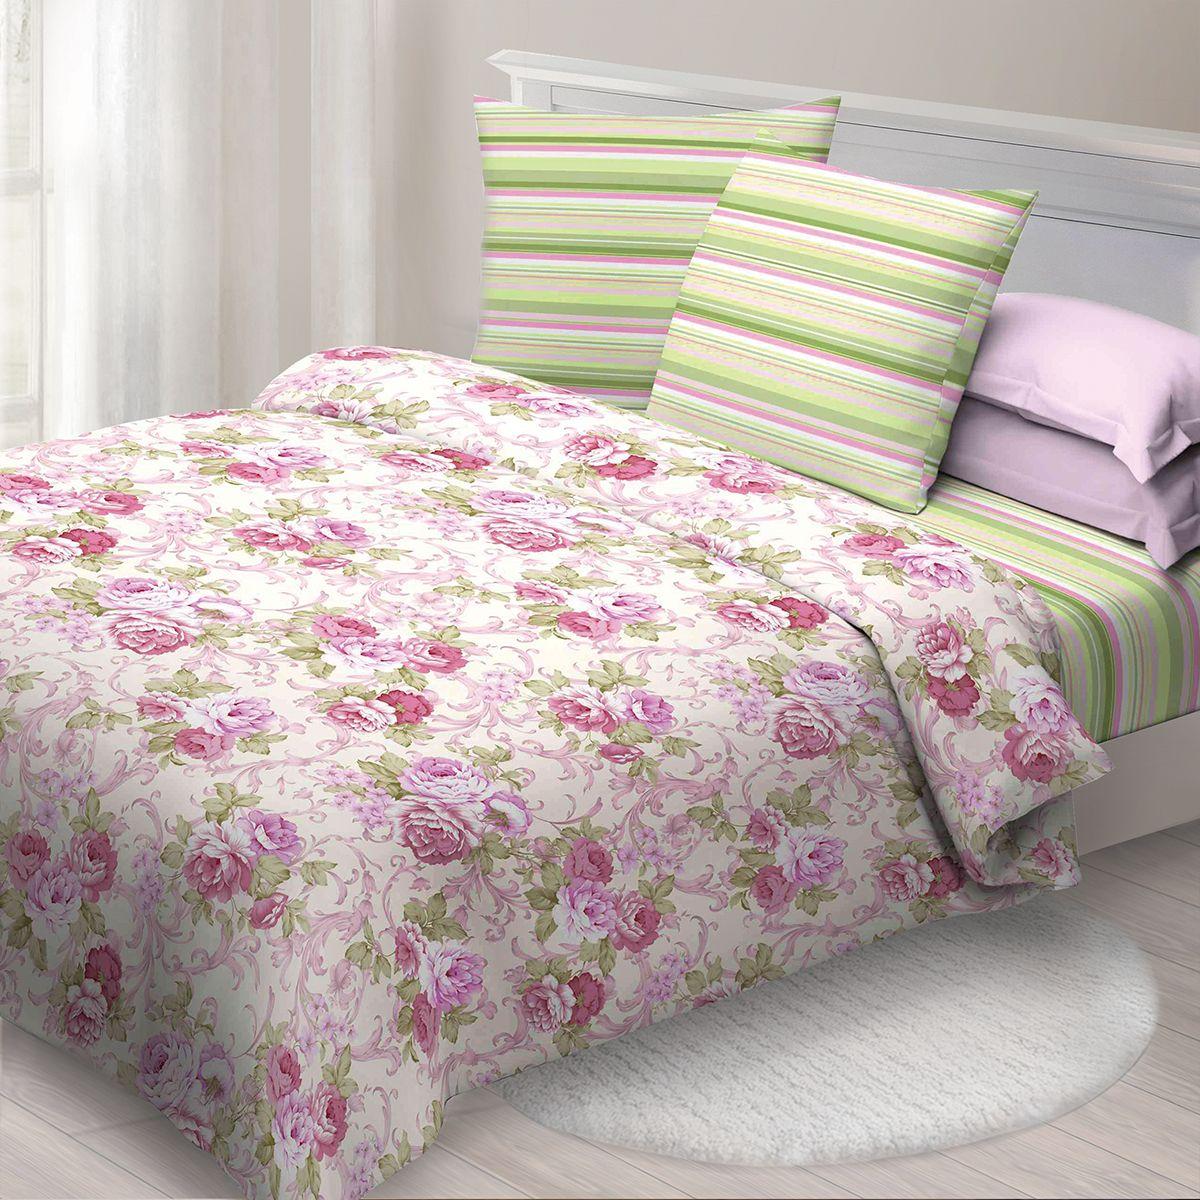 Комплект белья Спал Спалыч Марибэль, евро, наволочки 70x70, цвет: розовый. 1950-184198